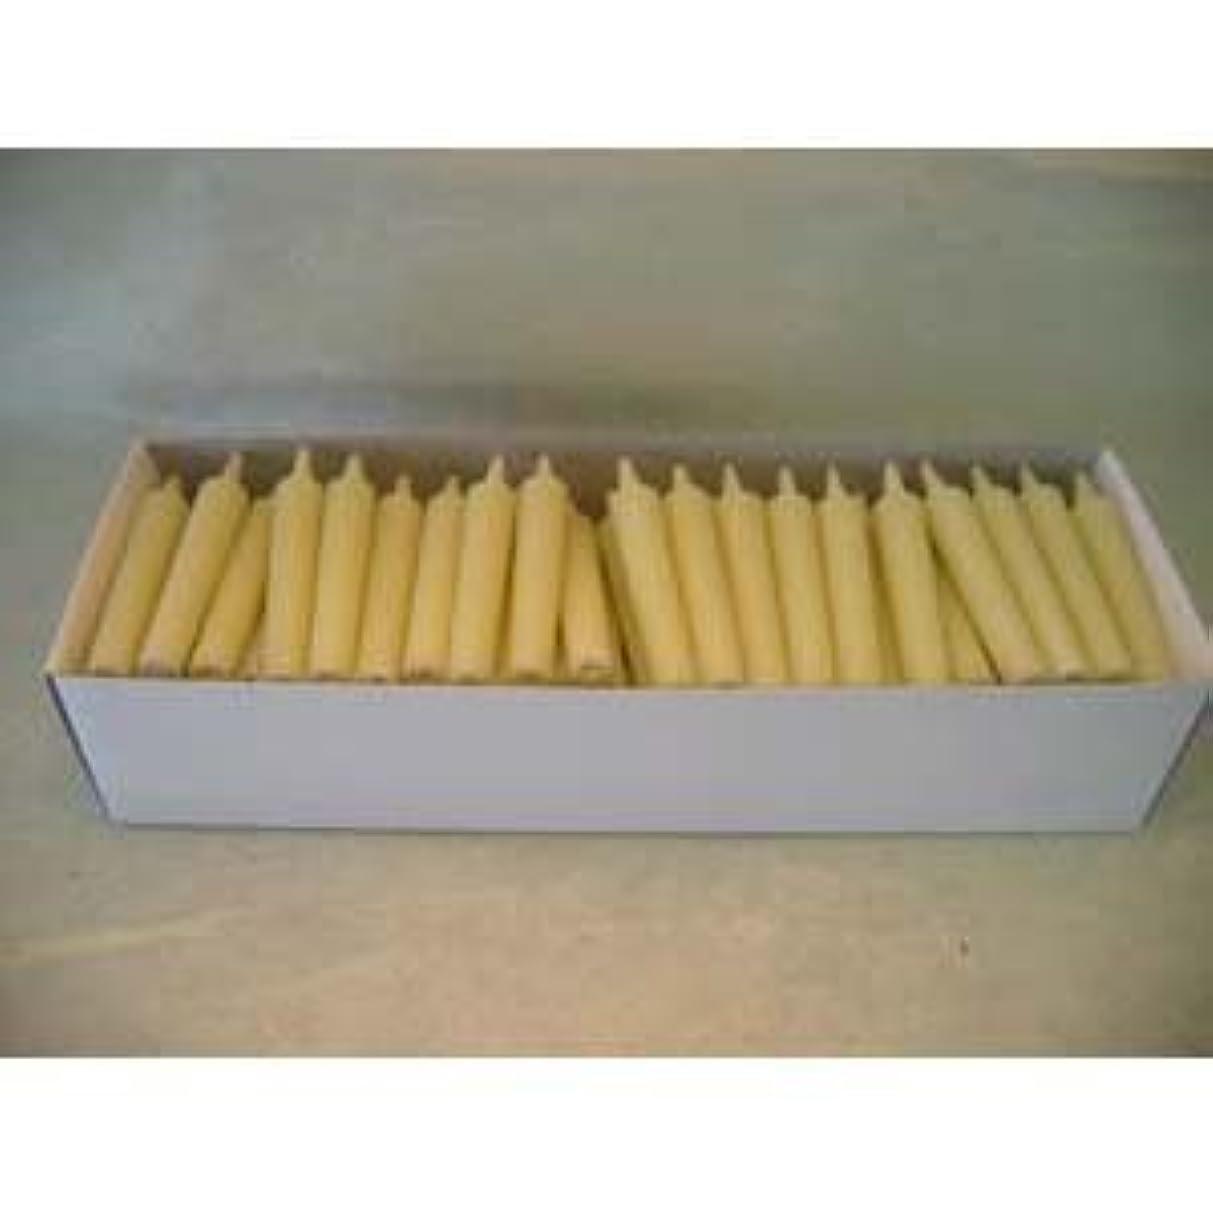 背景嘆願子供時代和ろうそく 型和蝋燭 ローソク 豆型 棒タイプ 白 100本入り